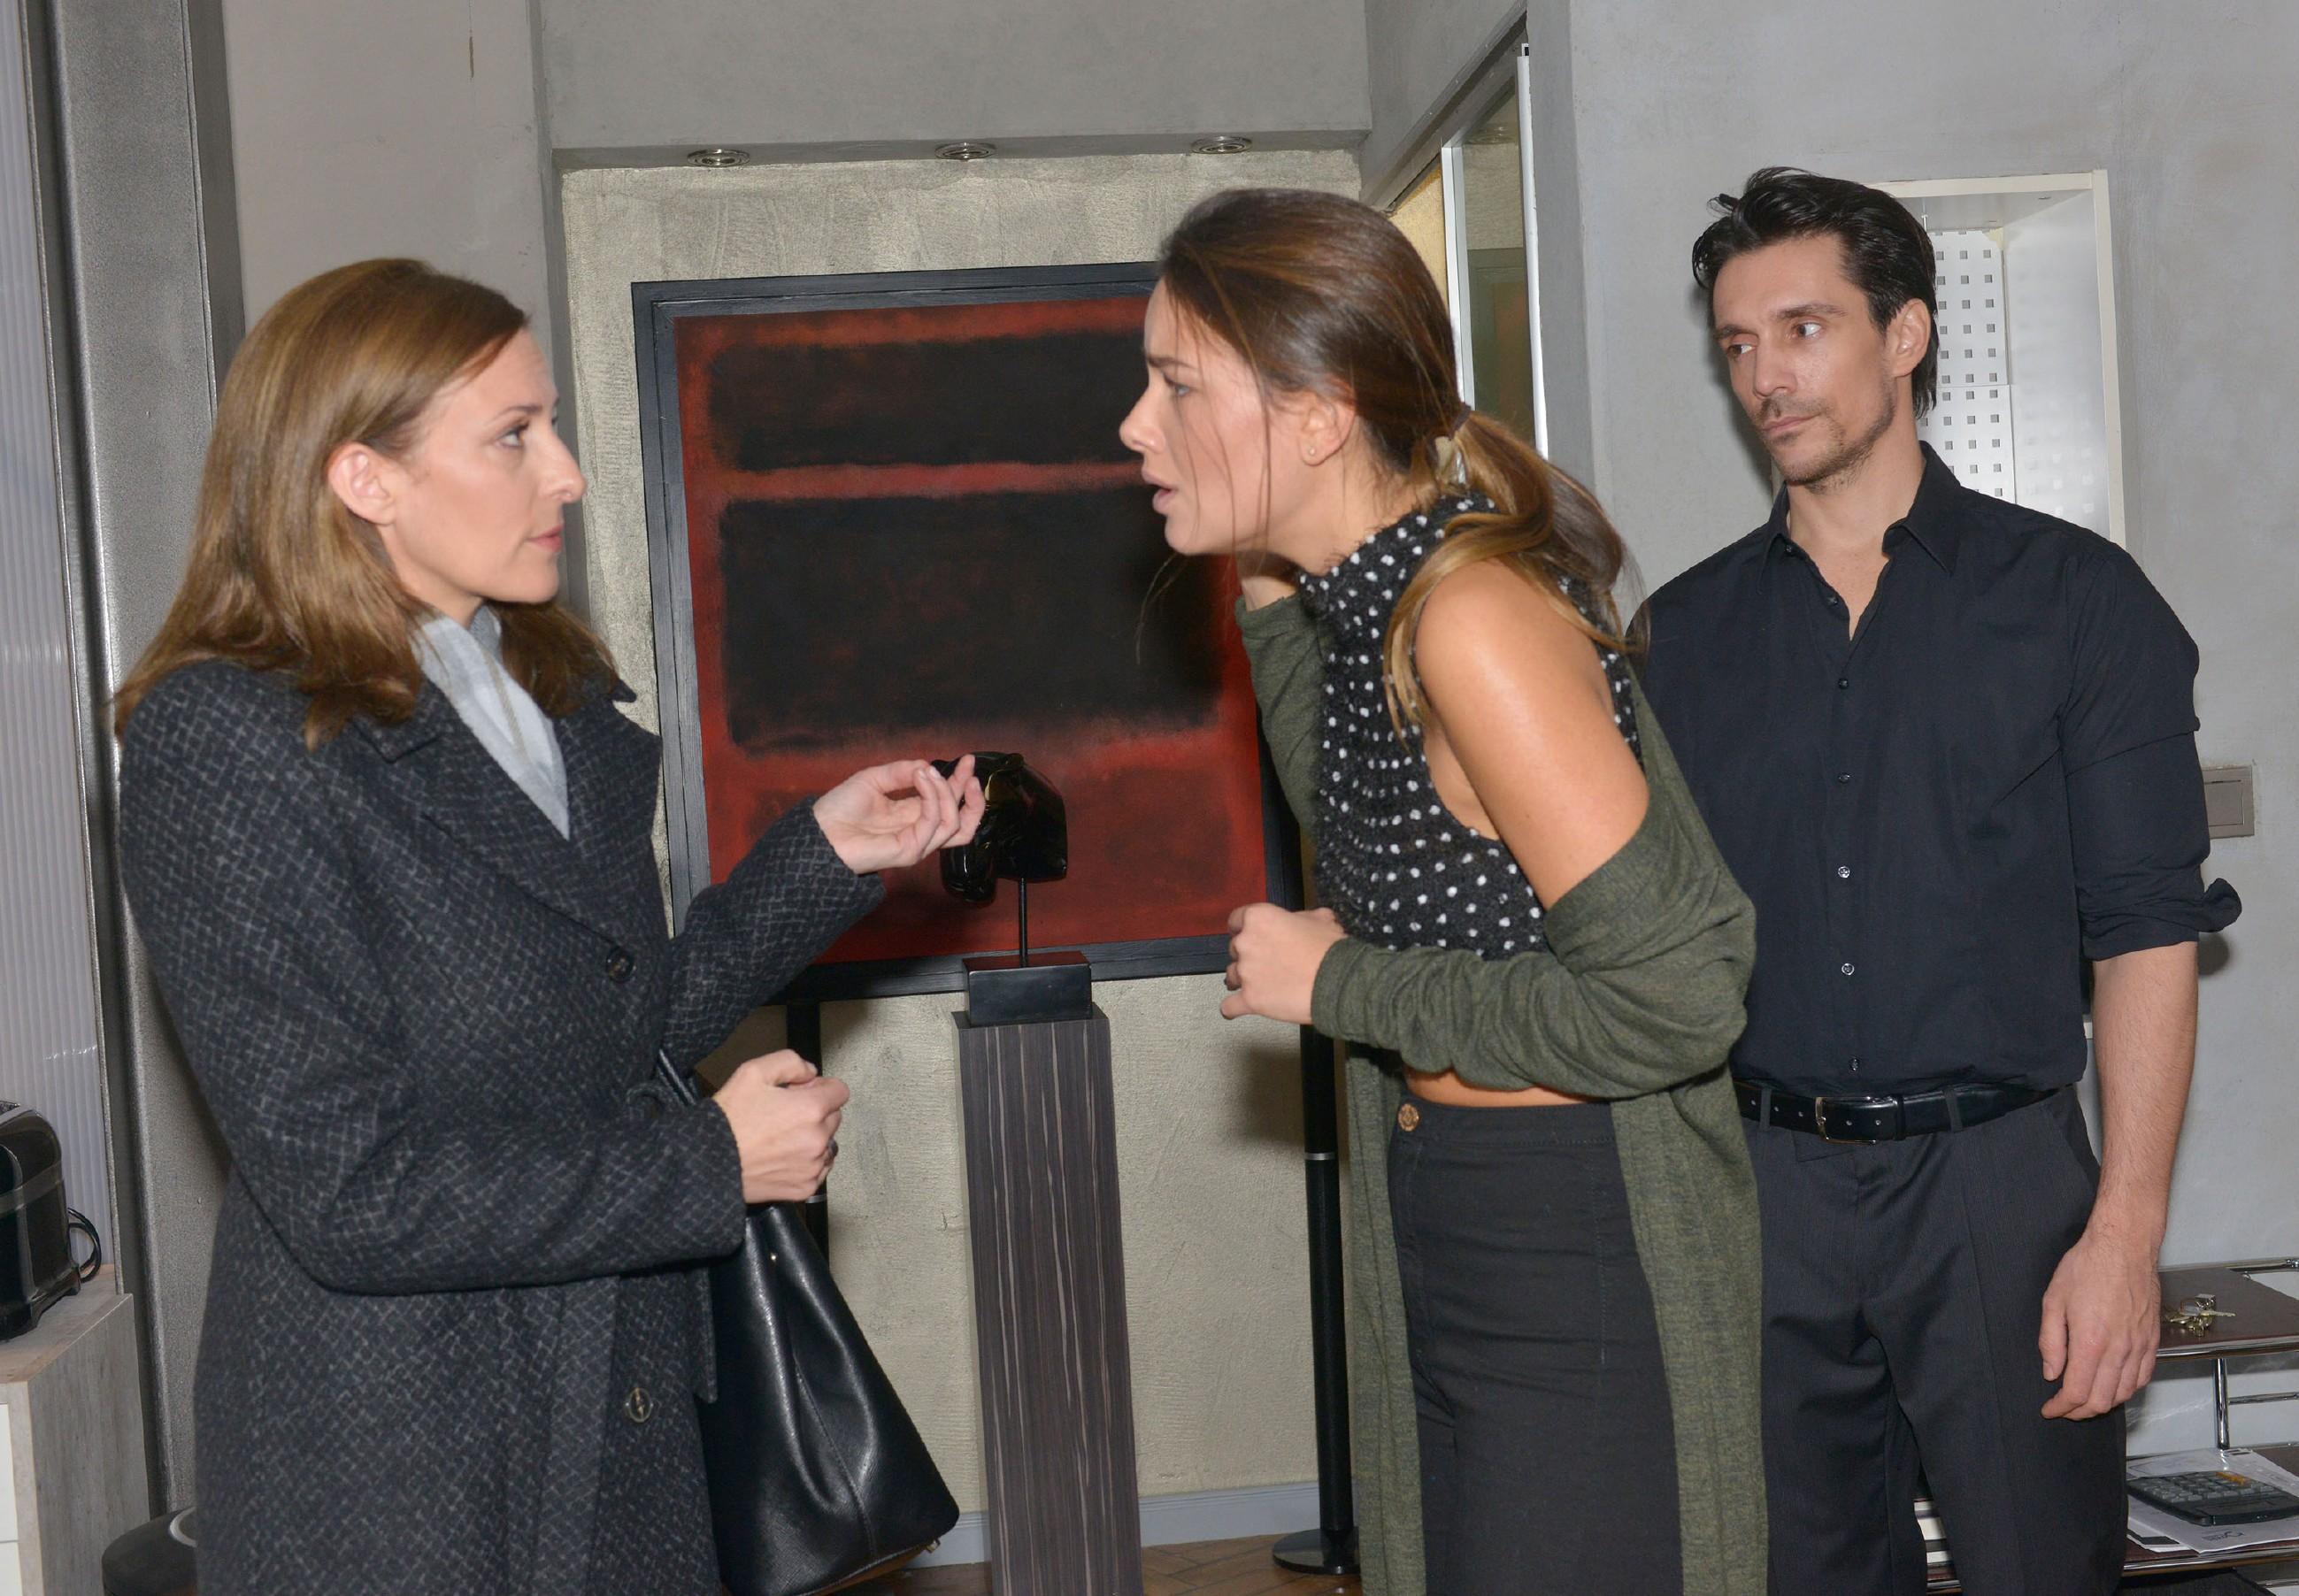 Nachdem der überforderte David (Philipp Christopher) Katrin (Urike Frank, l.) gerufen hat, will Jasmin (Janina Uhse) von deren Hilfe nichts wissen. (Quelle: RTL / Rolf Baumgartner)